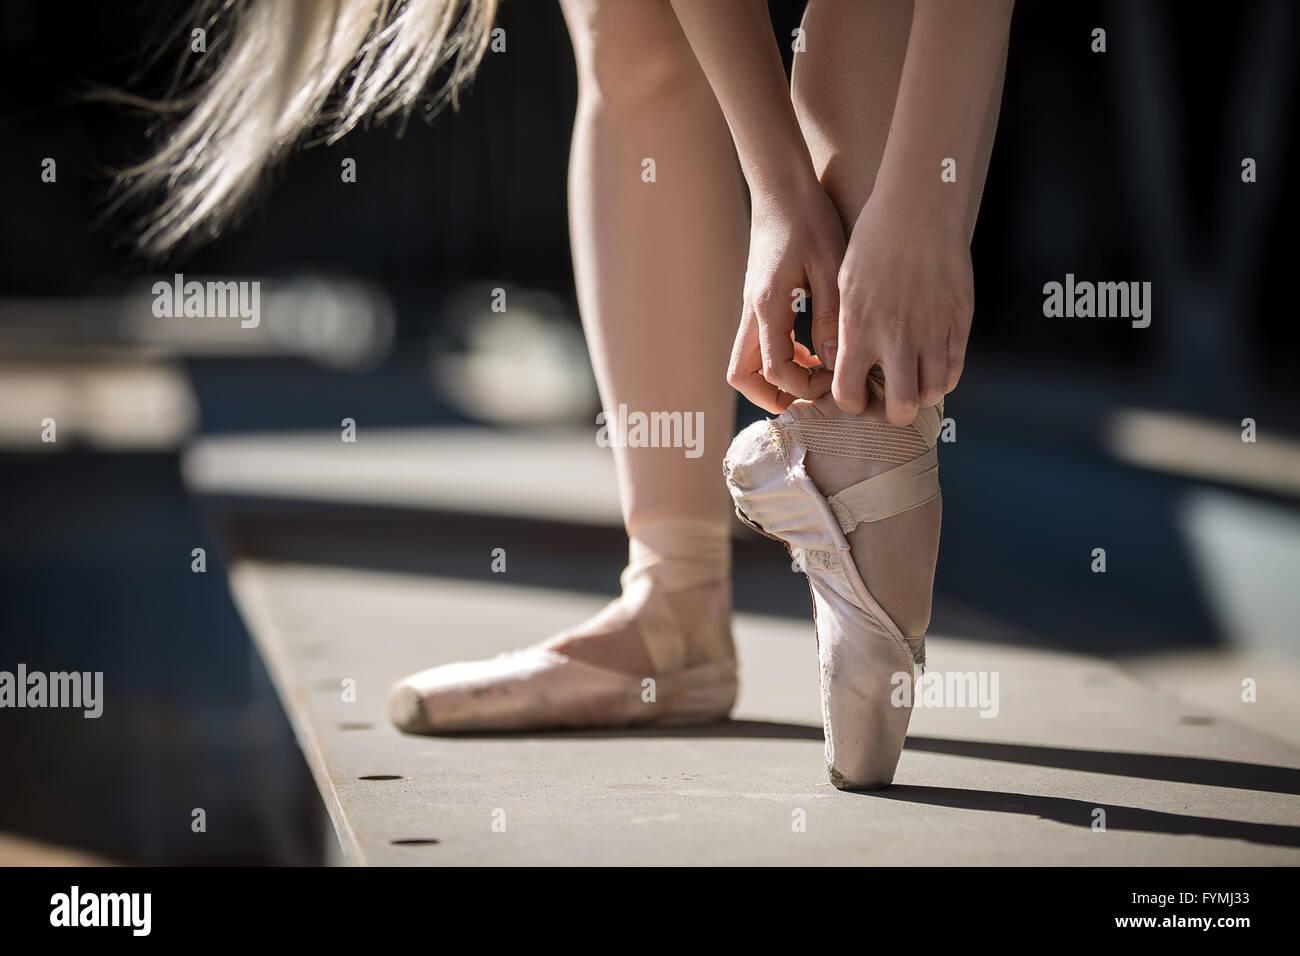 Danseuse attachant les pointes Photo Stock